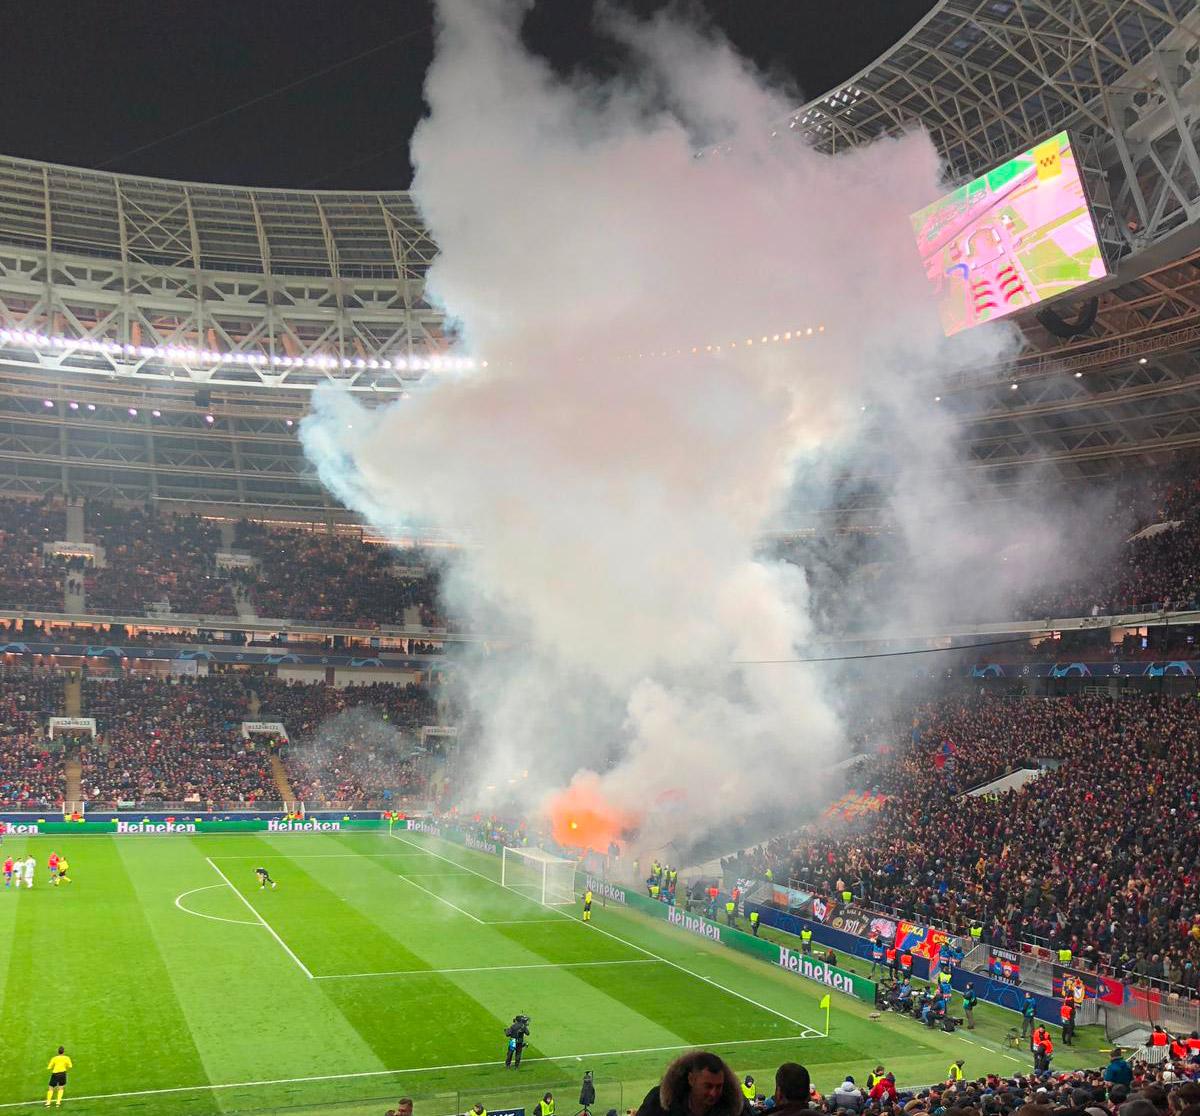 CSKA Mosca - Roma: fumogeni dalla curva russa